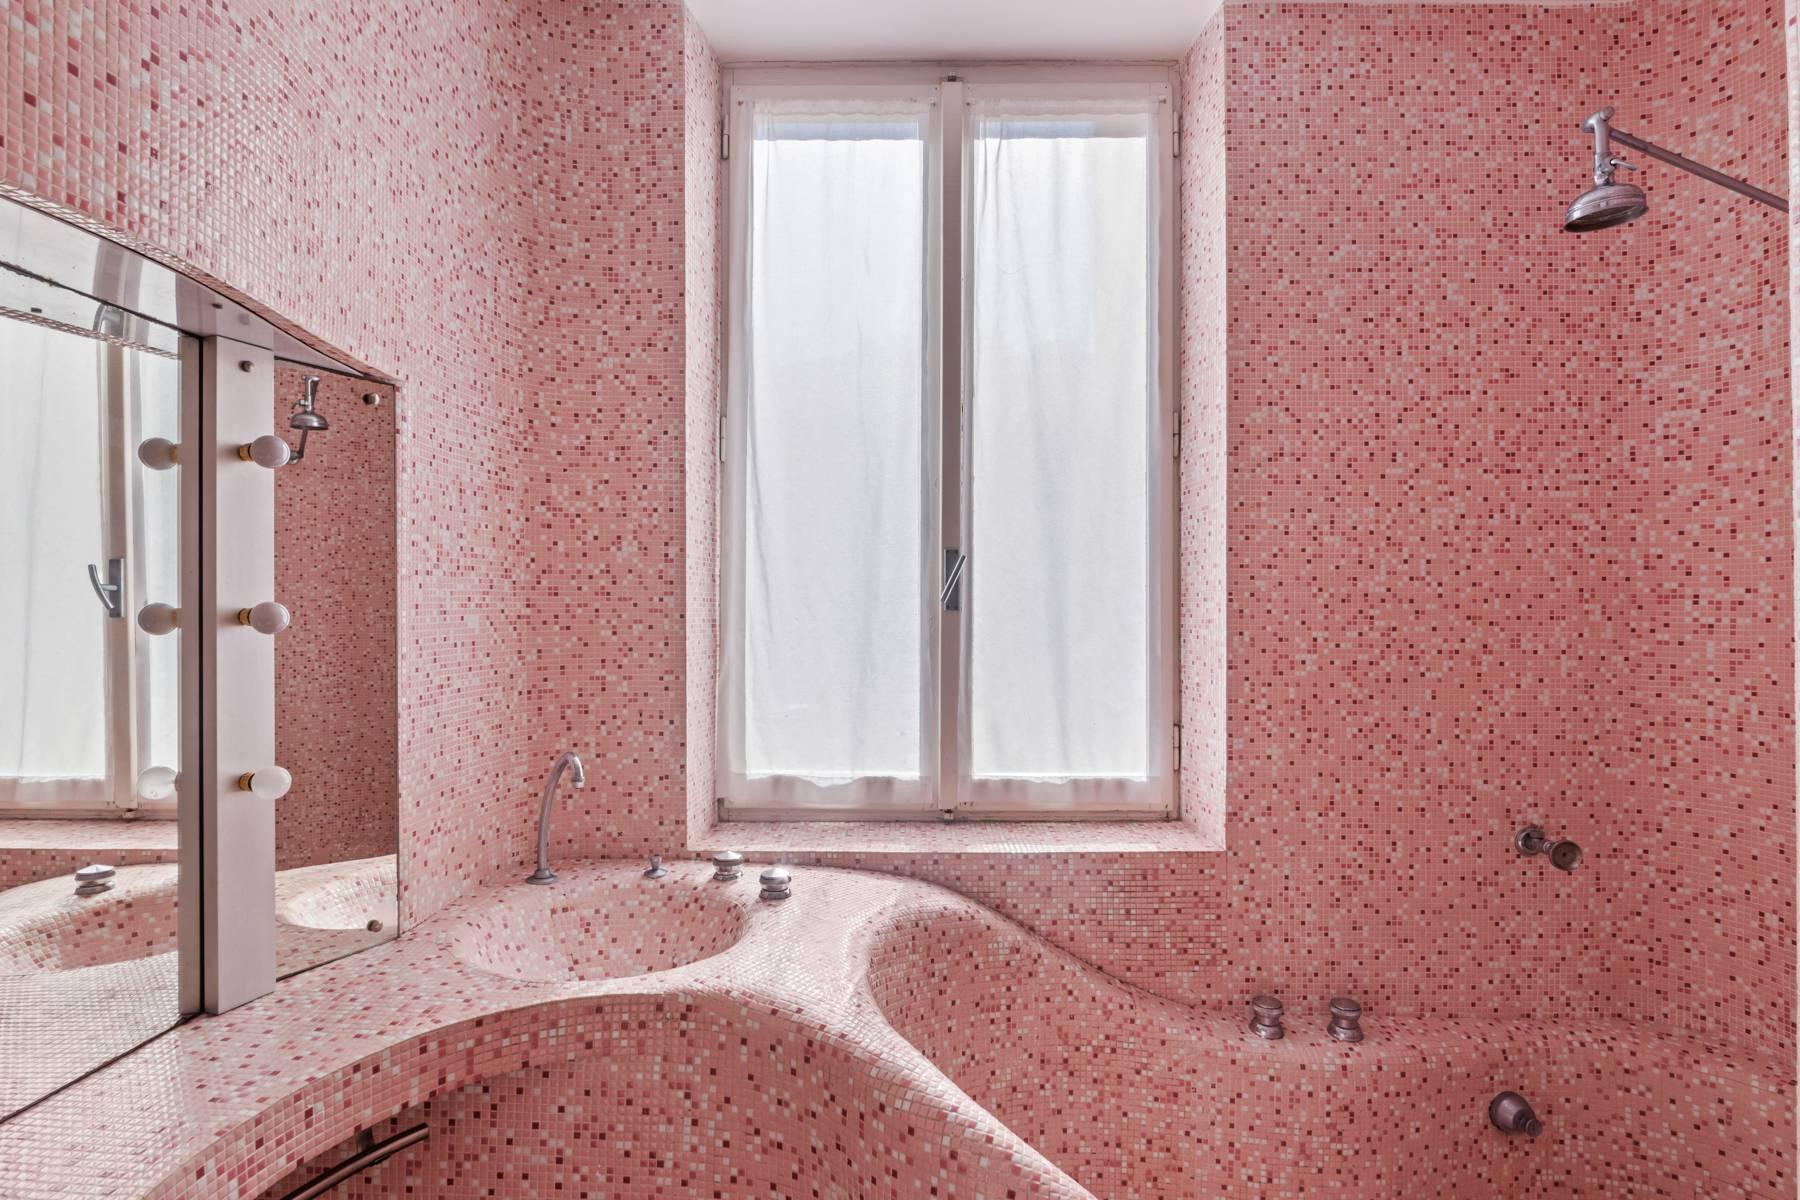 Appartamento in Vendita a Santa Margherita Ligure: 5 locali, 120 mq - Foto 20